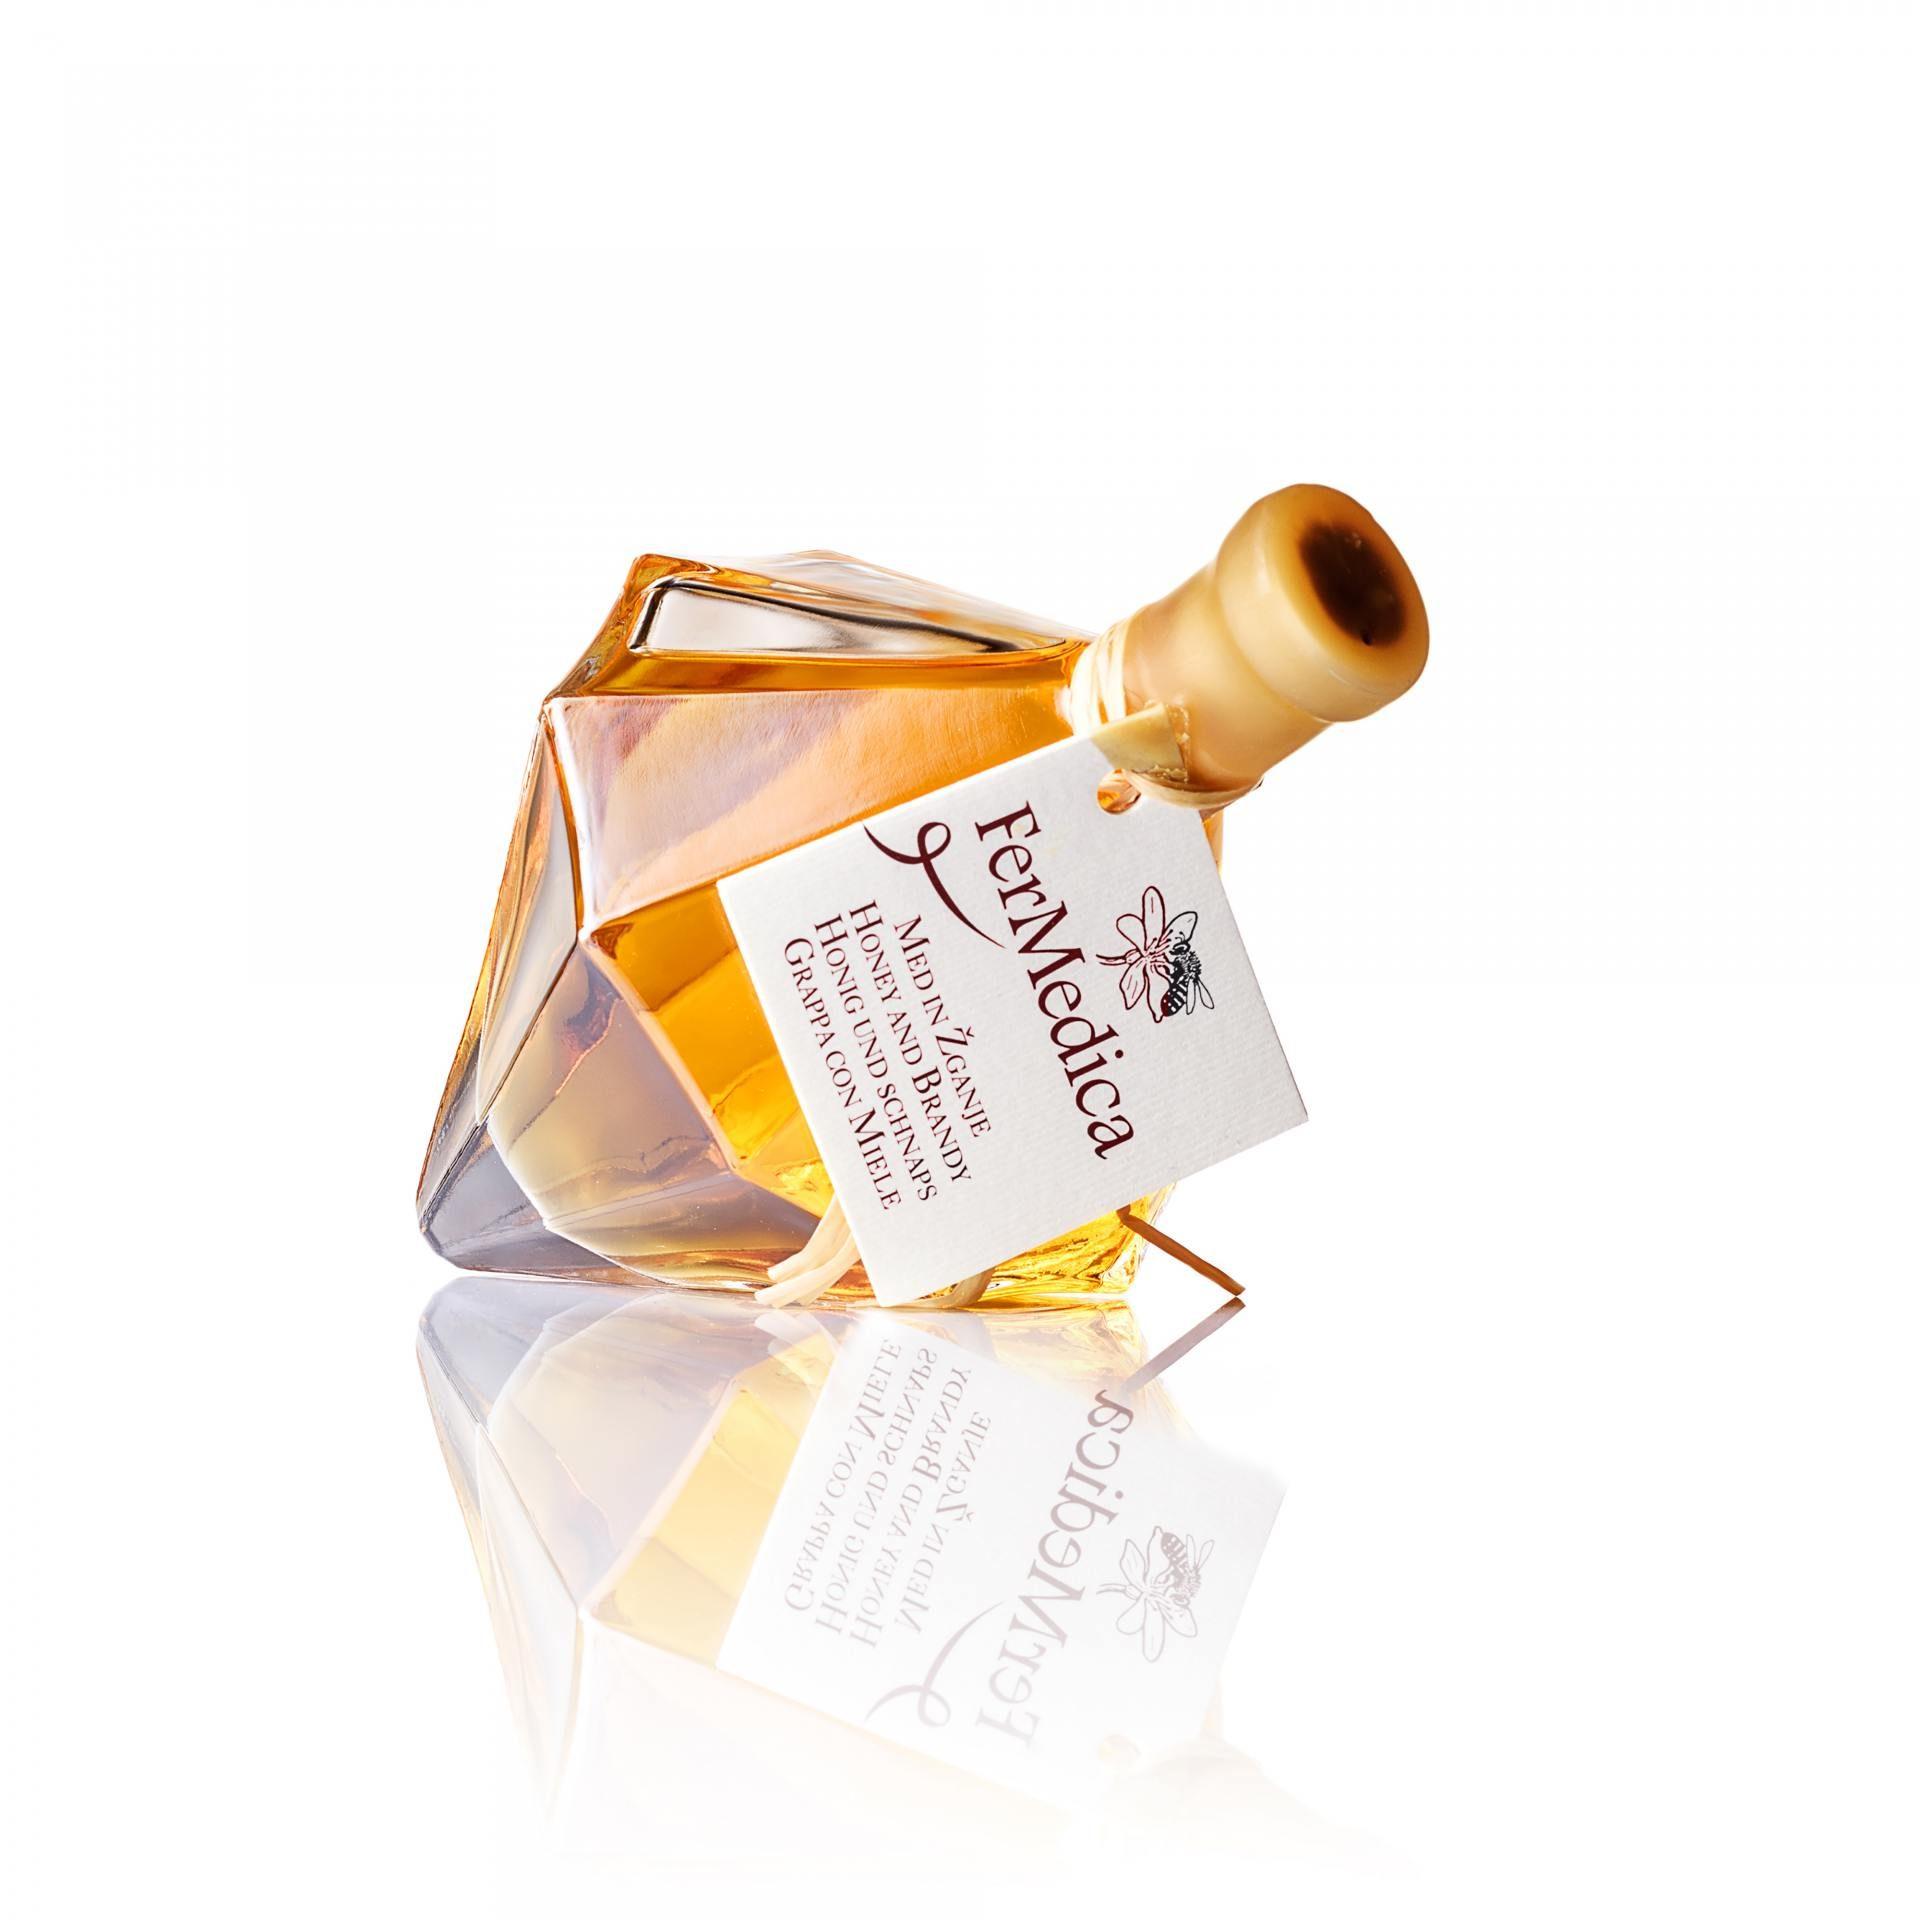 Med in žganje, med z dodatki, darilni seti v lični embalaži fermedica 13